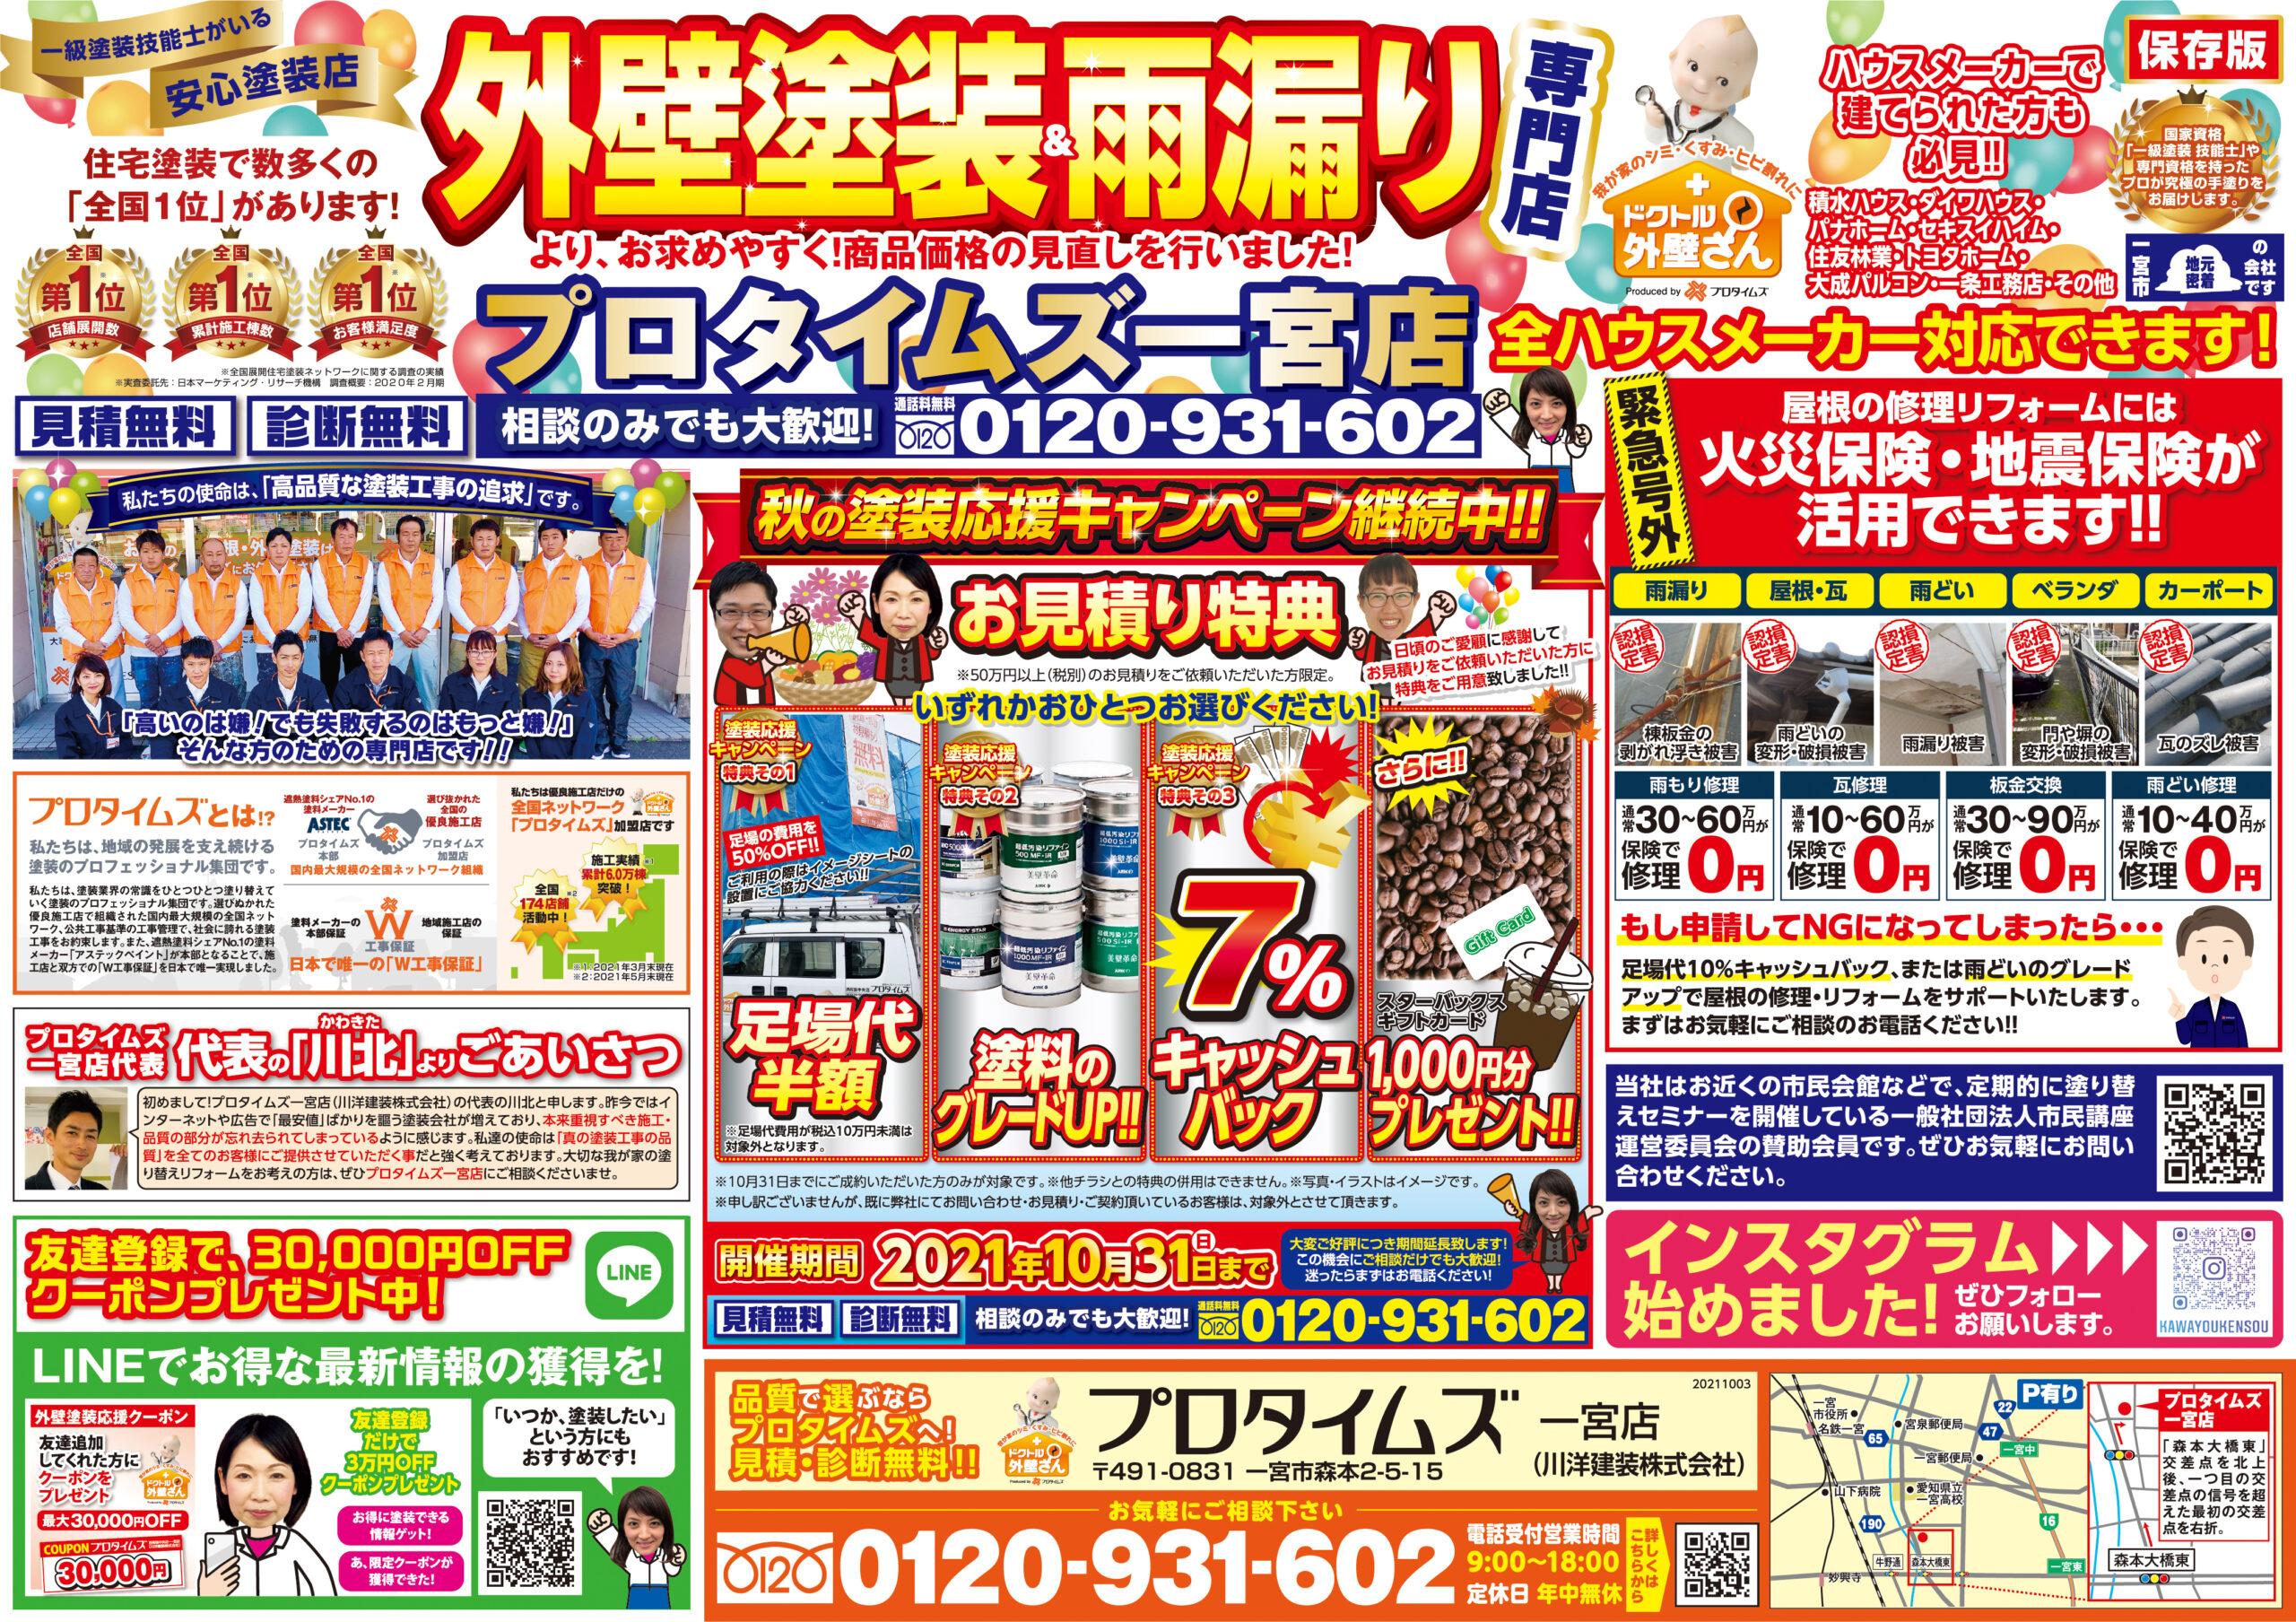 20211003折込みちらし1【一宮店】